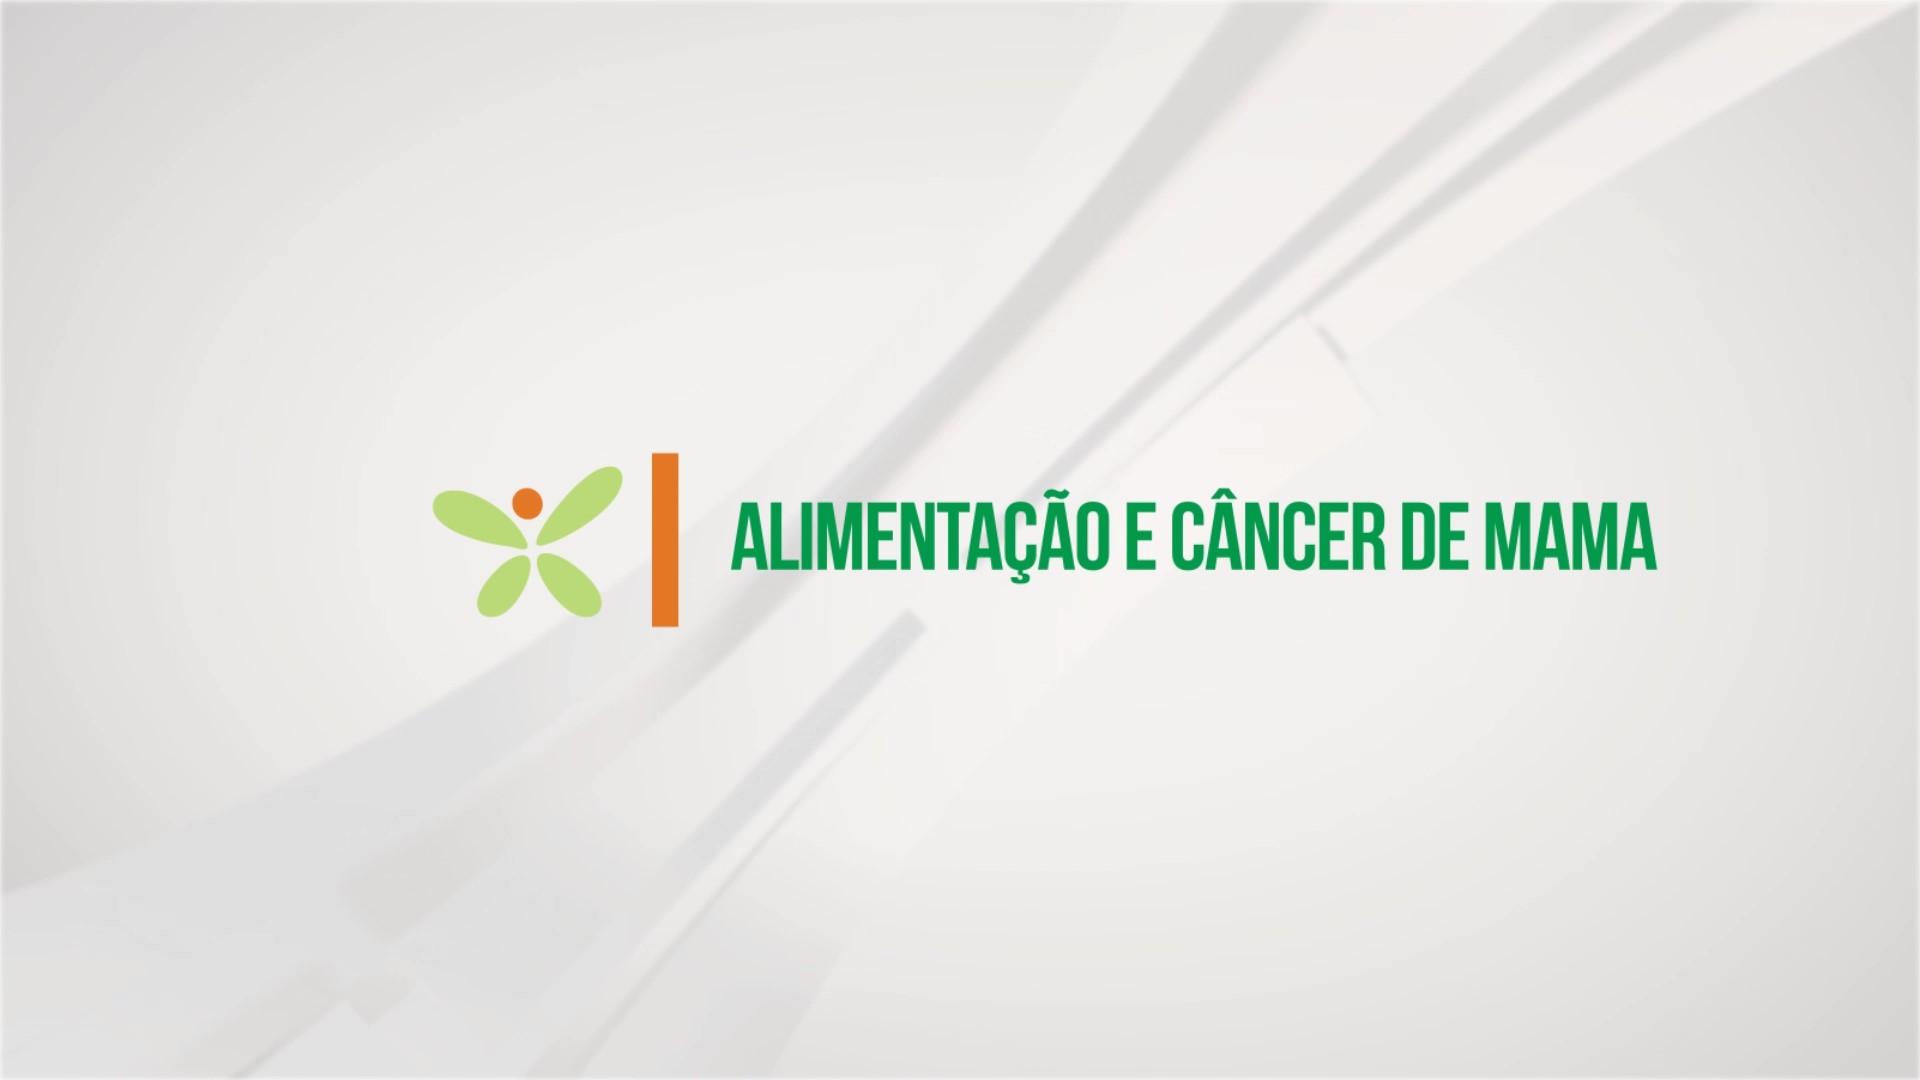 Alimentação e câncer de mama